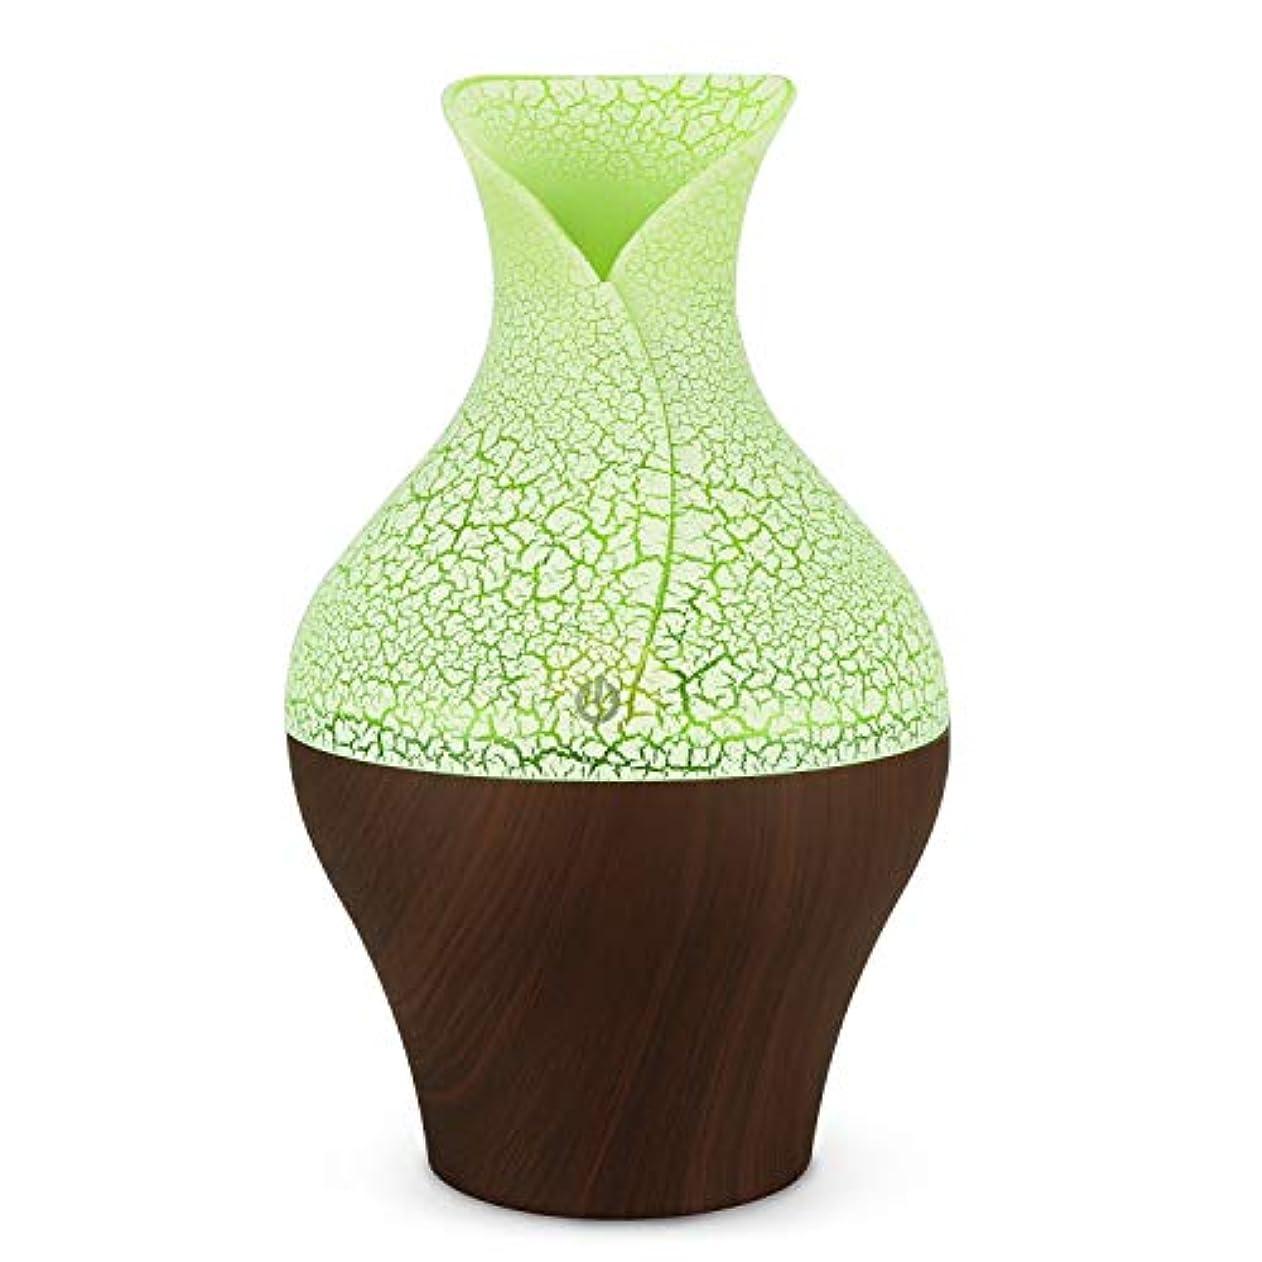 広々毎週セクションミスト加湿器については内務省のベッドルームベビールームの使用をクール250mlのエッセンシャルオイルディフューザー花瓶字型 (Color : Deep wood grain, Size : 10×17.4)